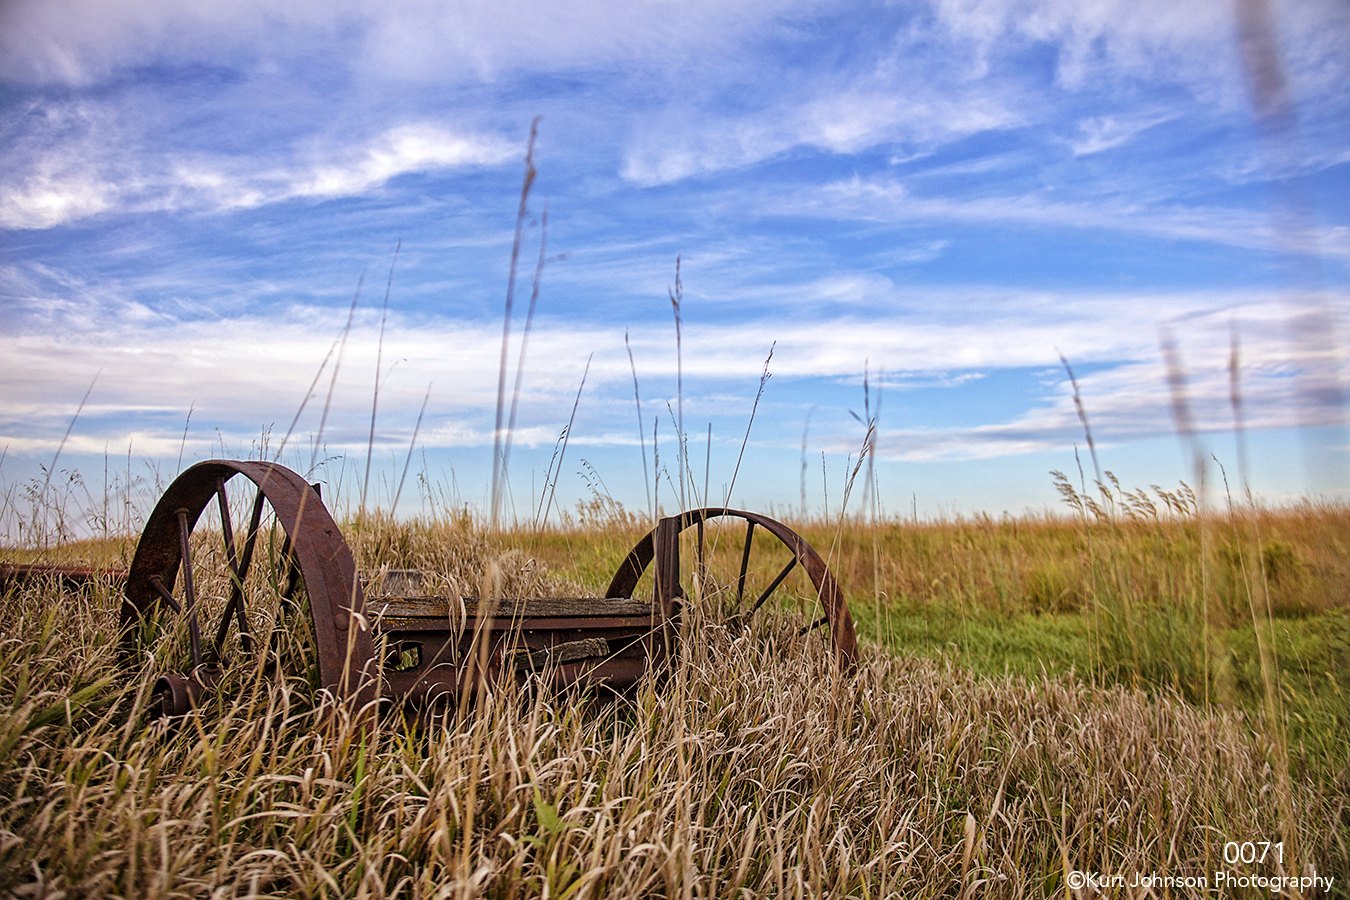 landscape grasses rural sky clouds blue